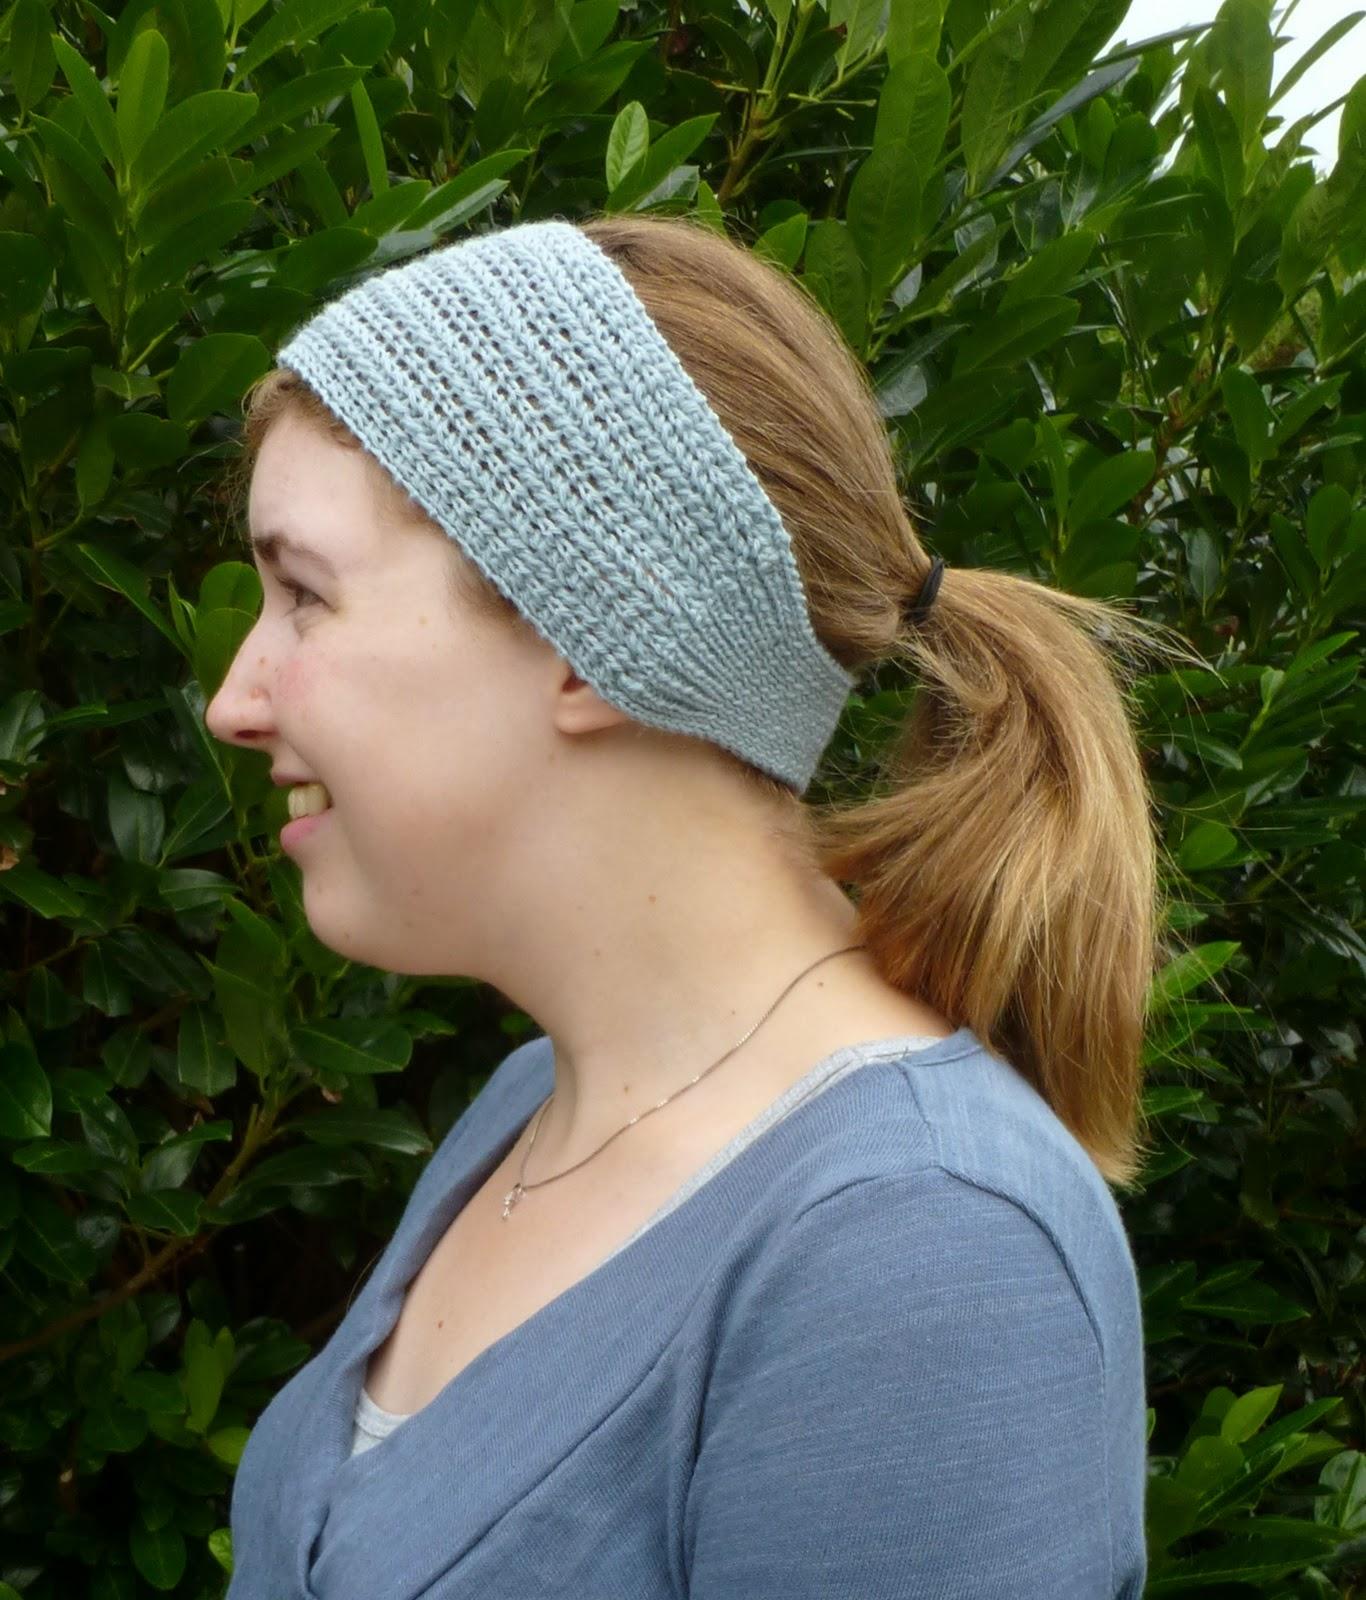 Marie hårbånd / Marie hairband